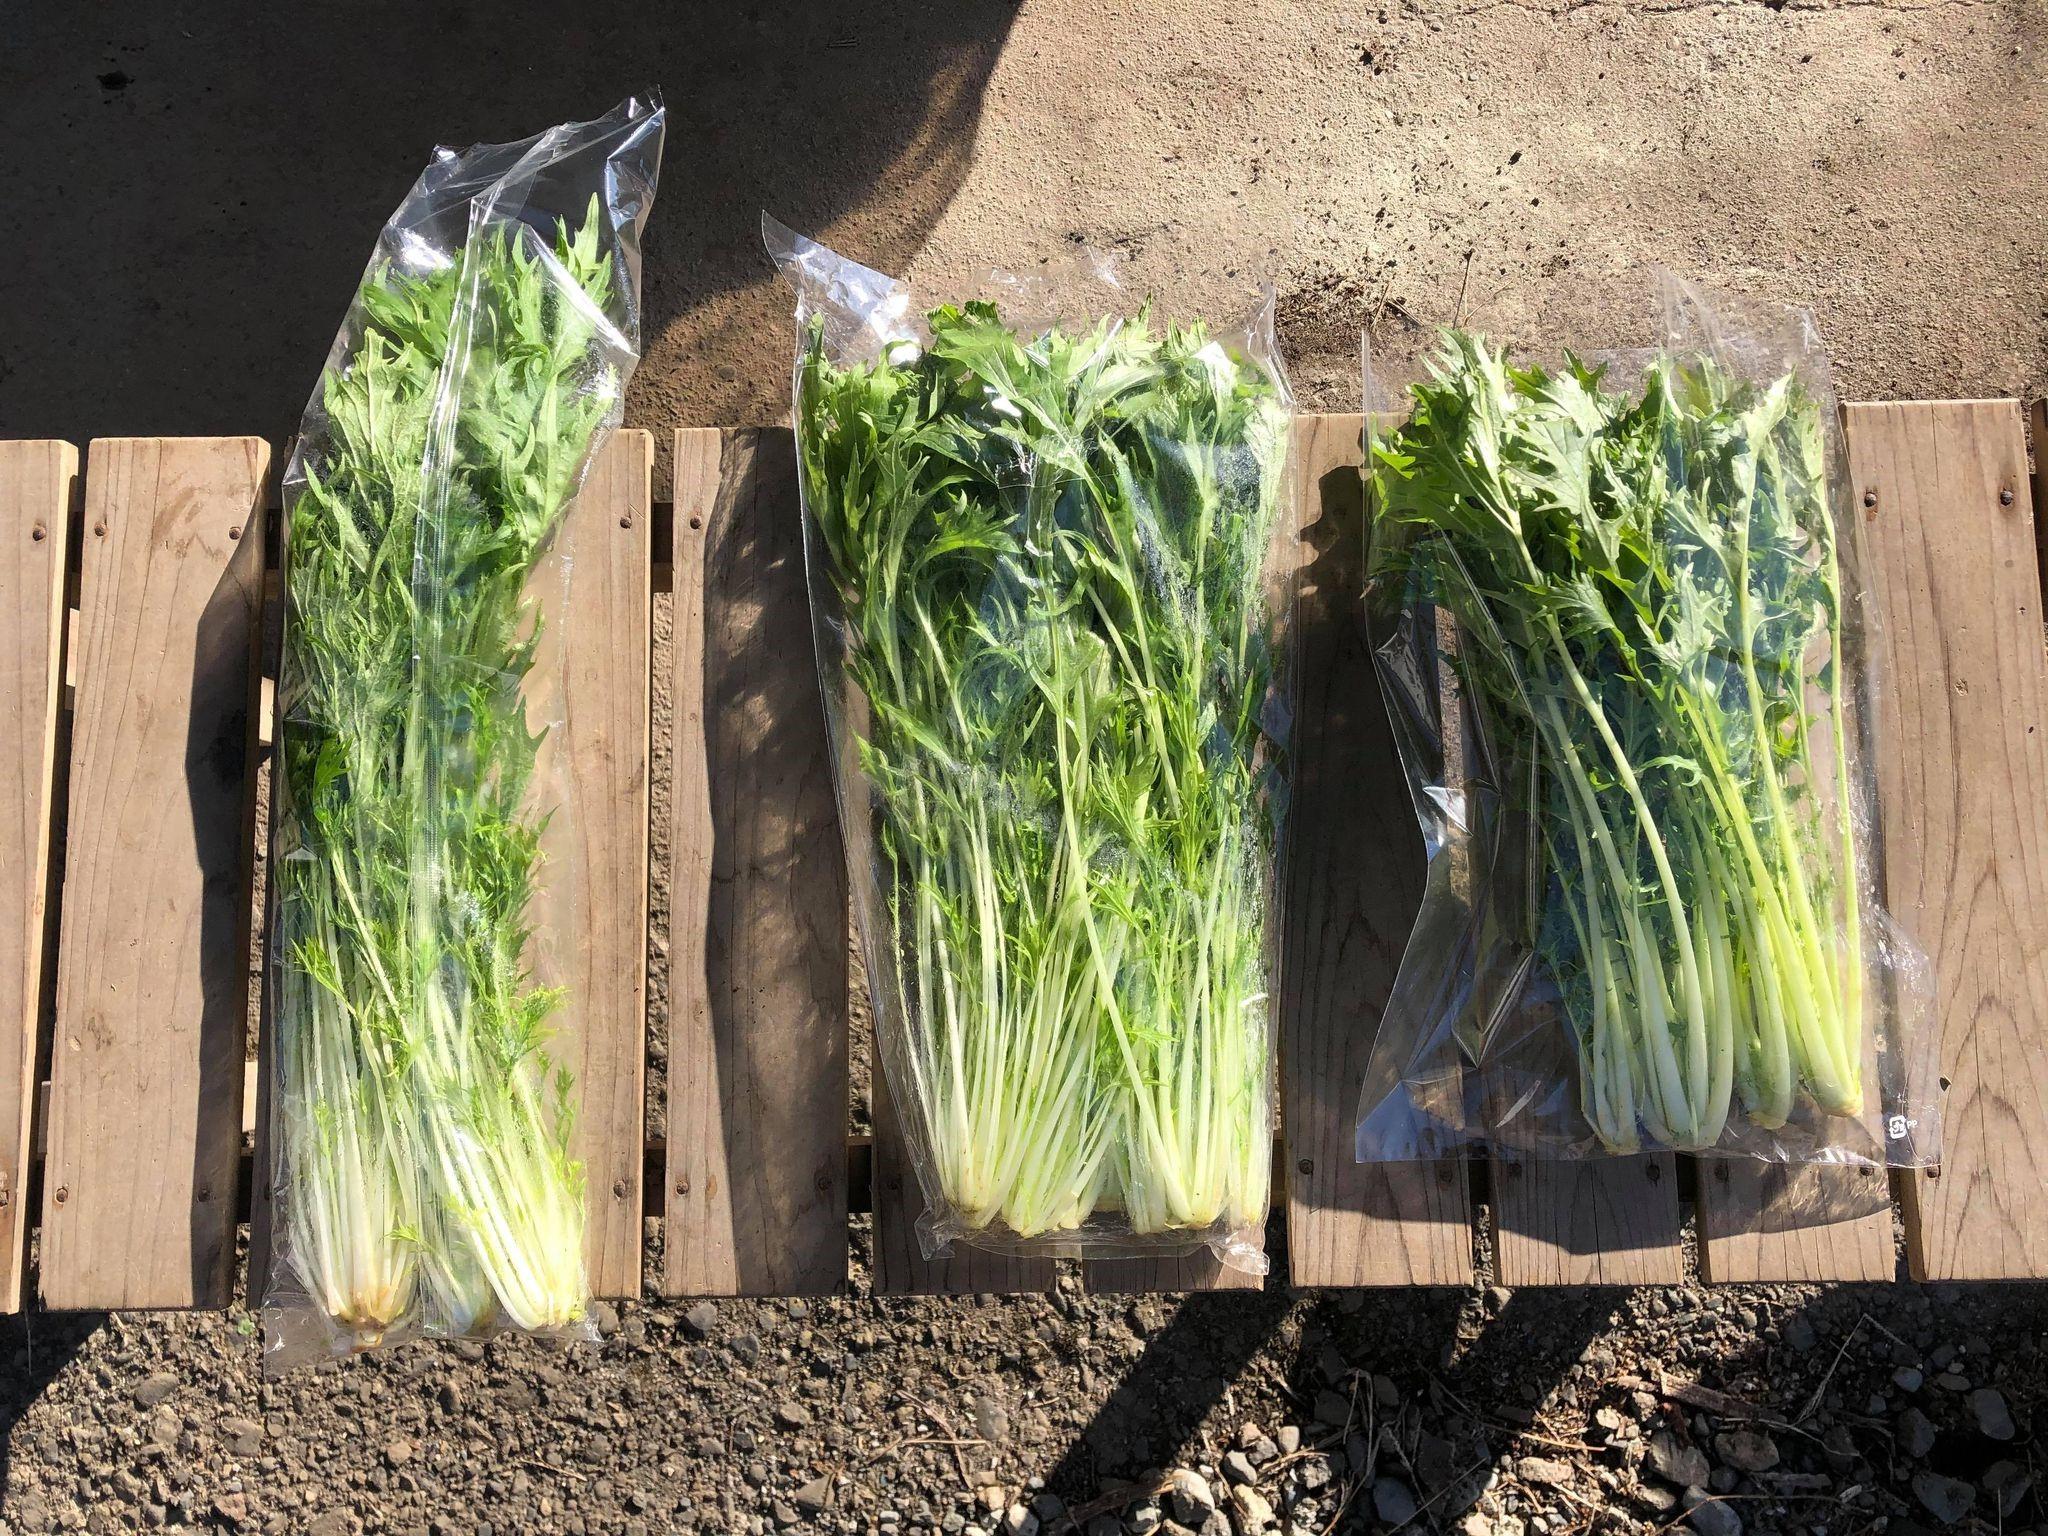 自然栽培の野菜は枯れ、慣行栽培と有機栽培の野菜が腐るのは本当か実験しました。